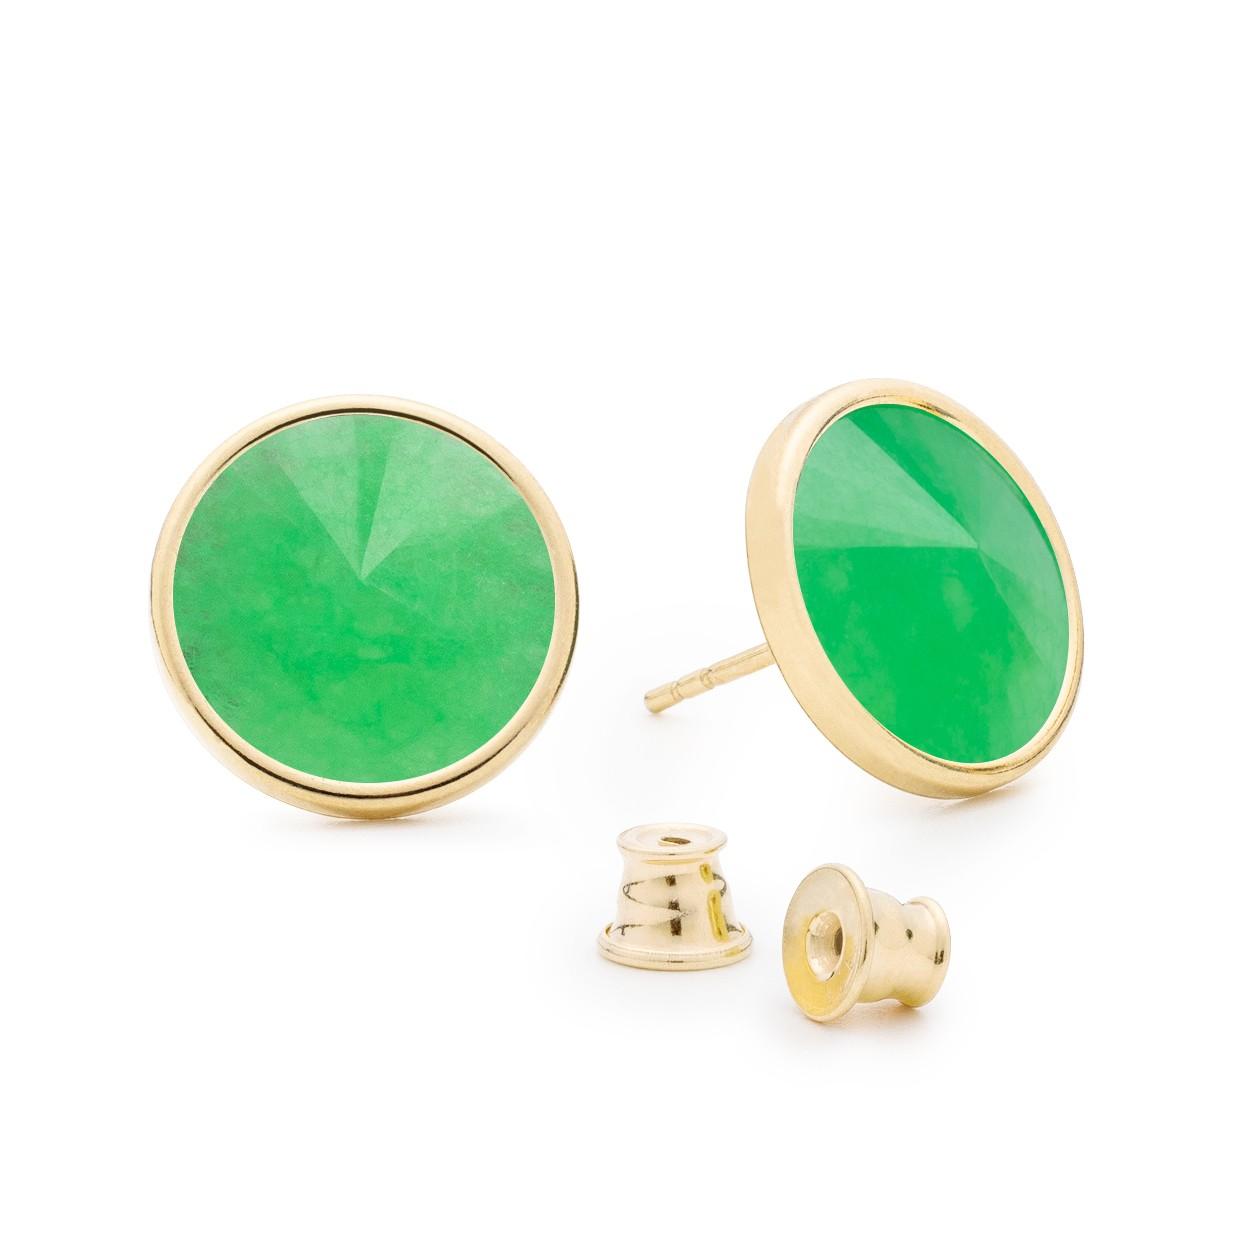 Srebrne kolczyki z naturalnym kamieniem, chryzopraz zielony ciemny, srebro 925